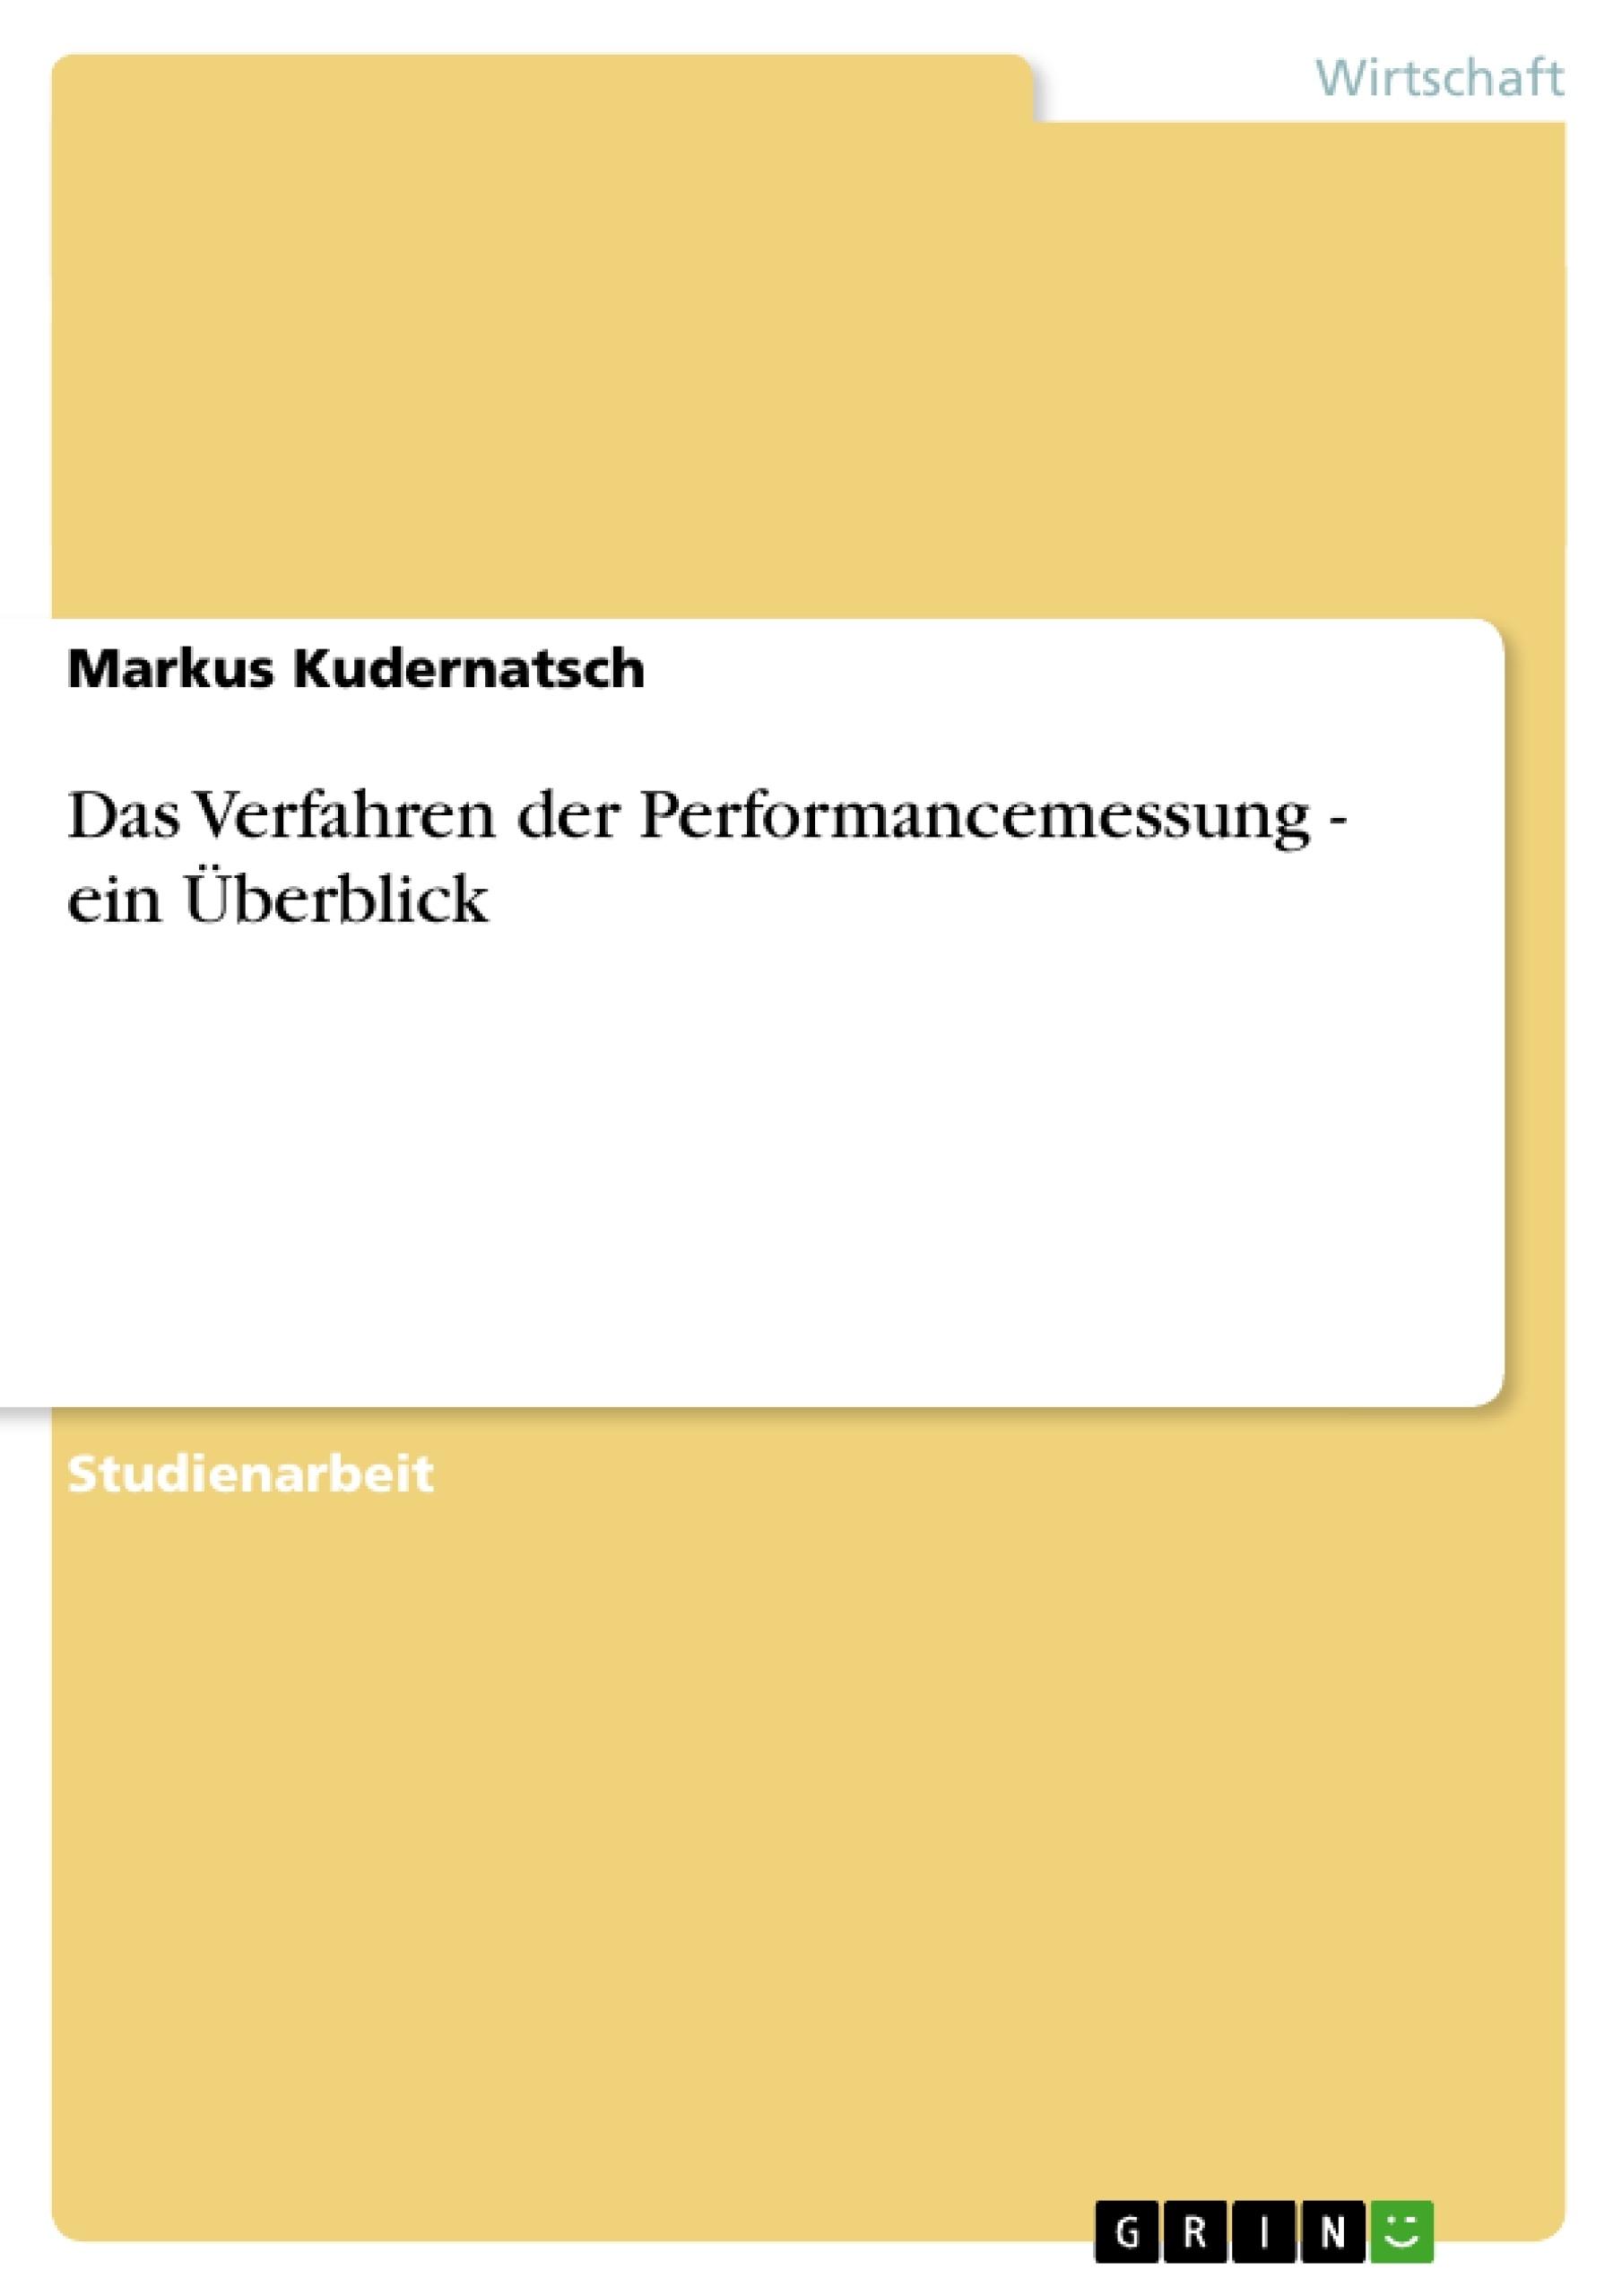 Titel: Das Verfahren der Performancemessung - ein Überblick